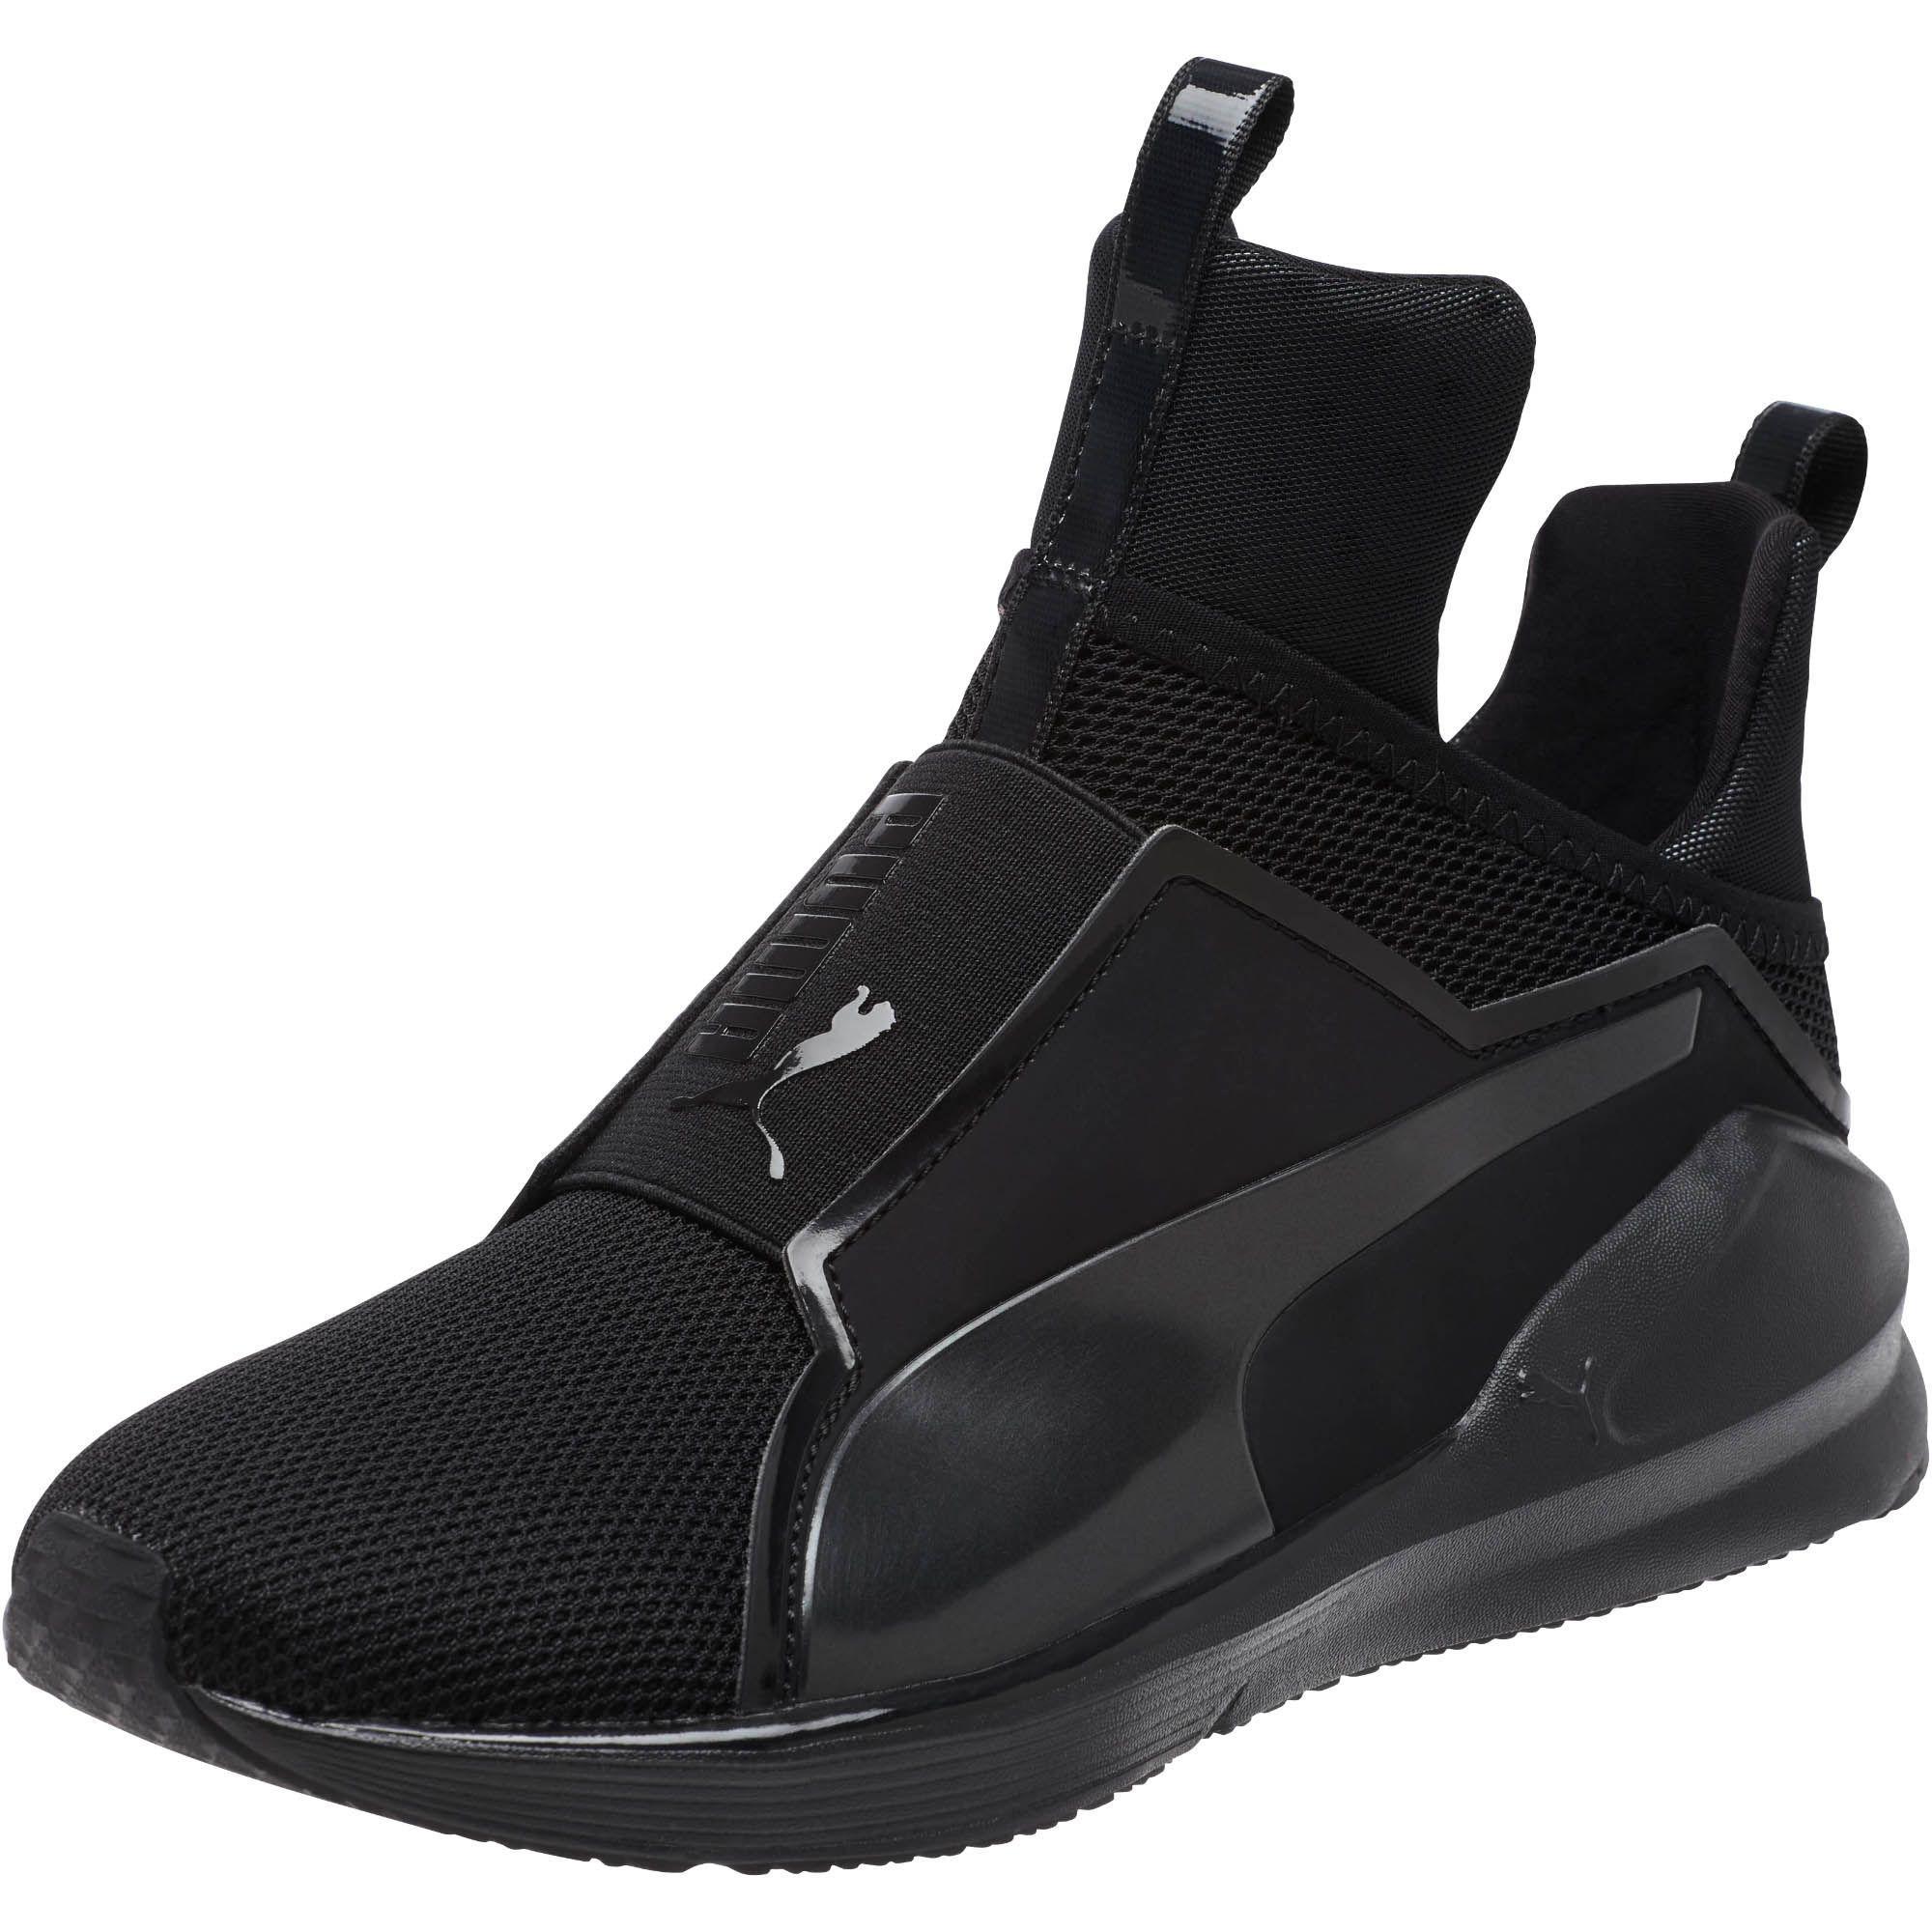 low price 5d755 ec1fb PUMA Black Fierce Core Training Shoes for men